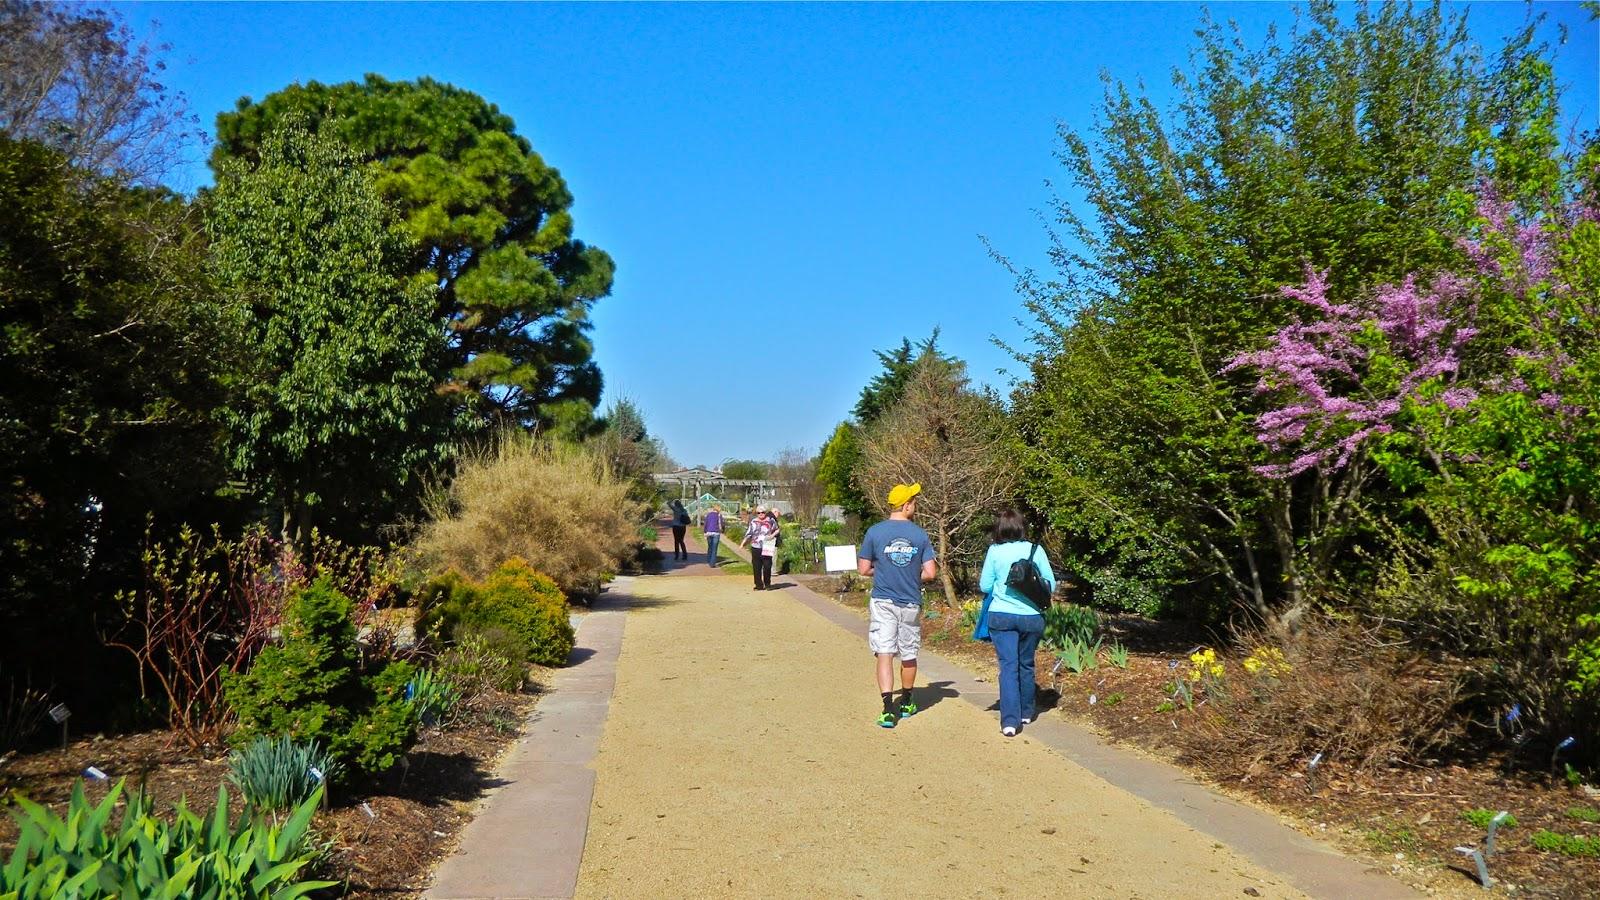 J.C. Raulston Arboretum, NCSU